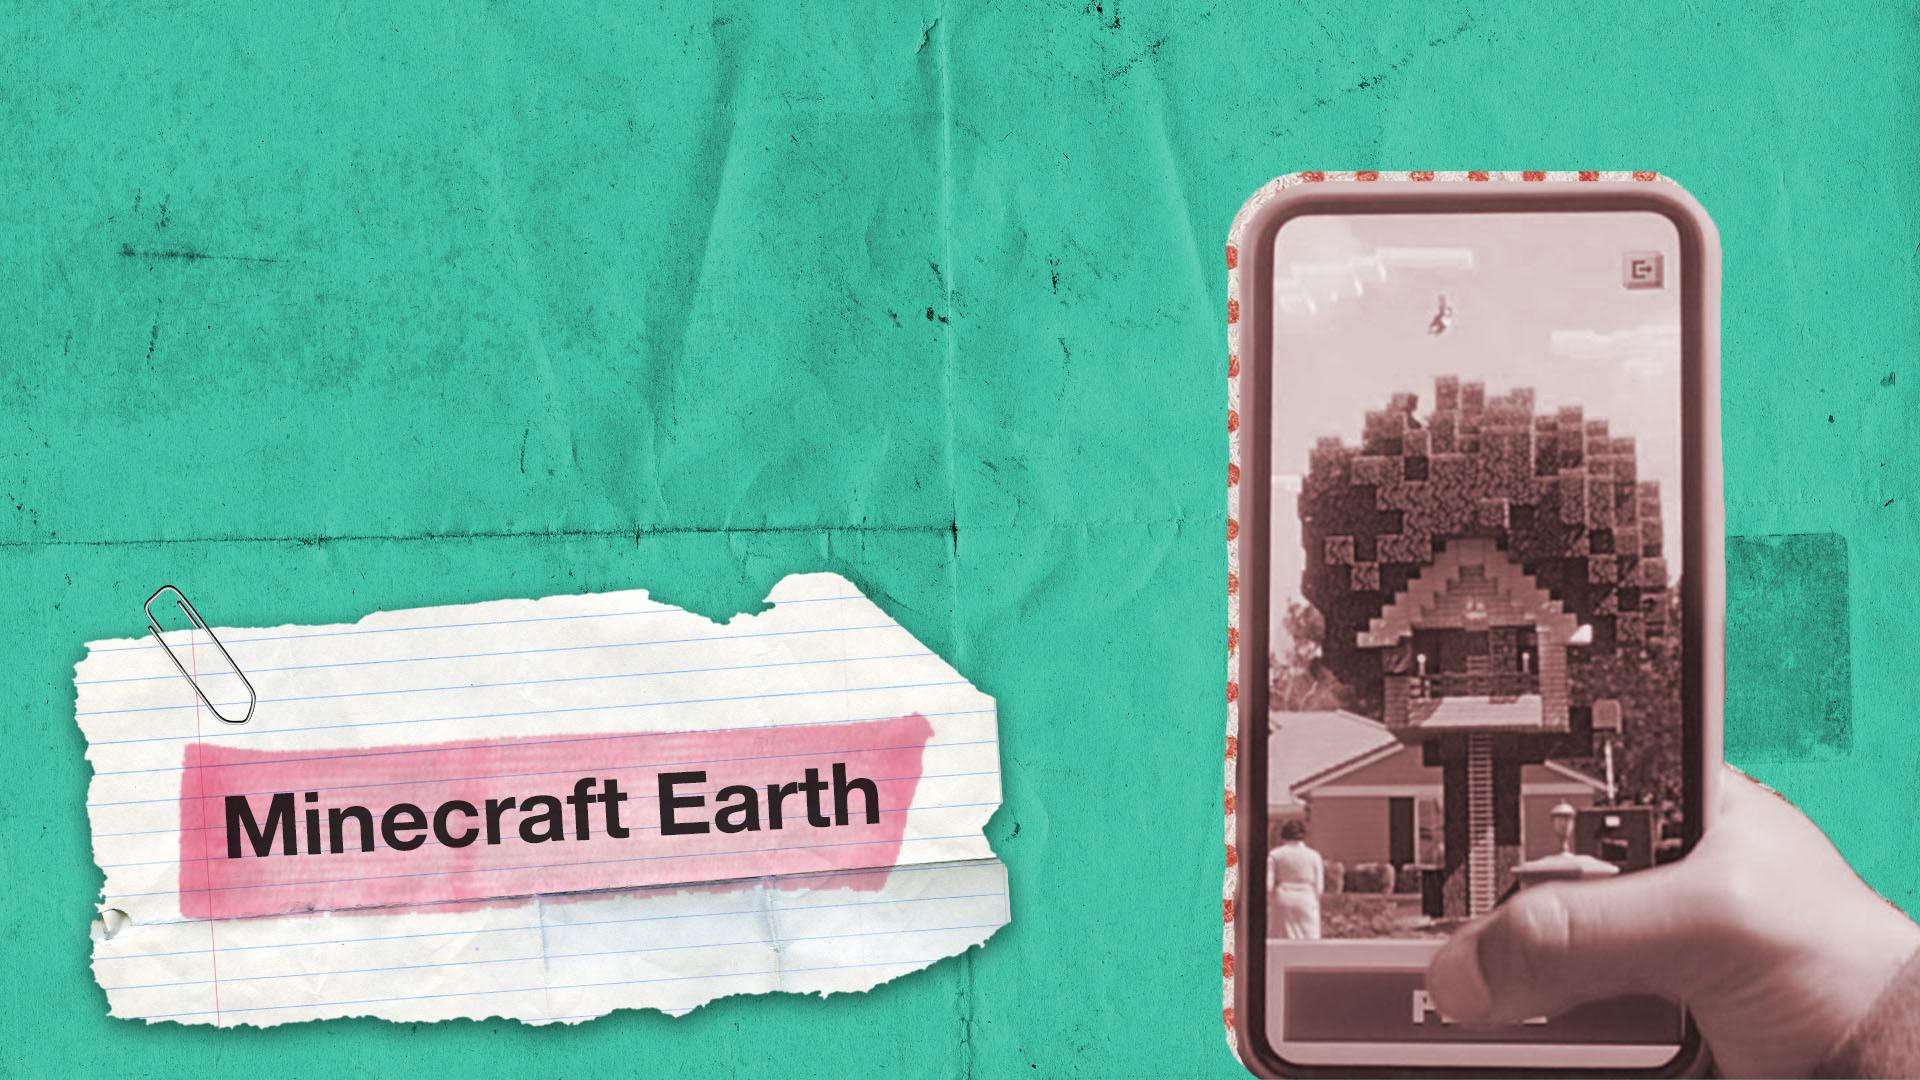 لعبة Minecrat تغزو العالم بالواقع المعزز